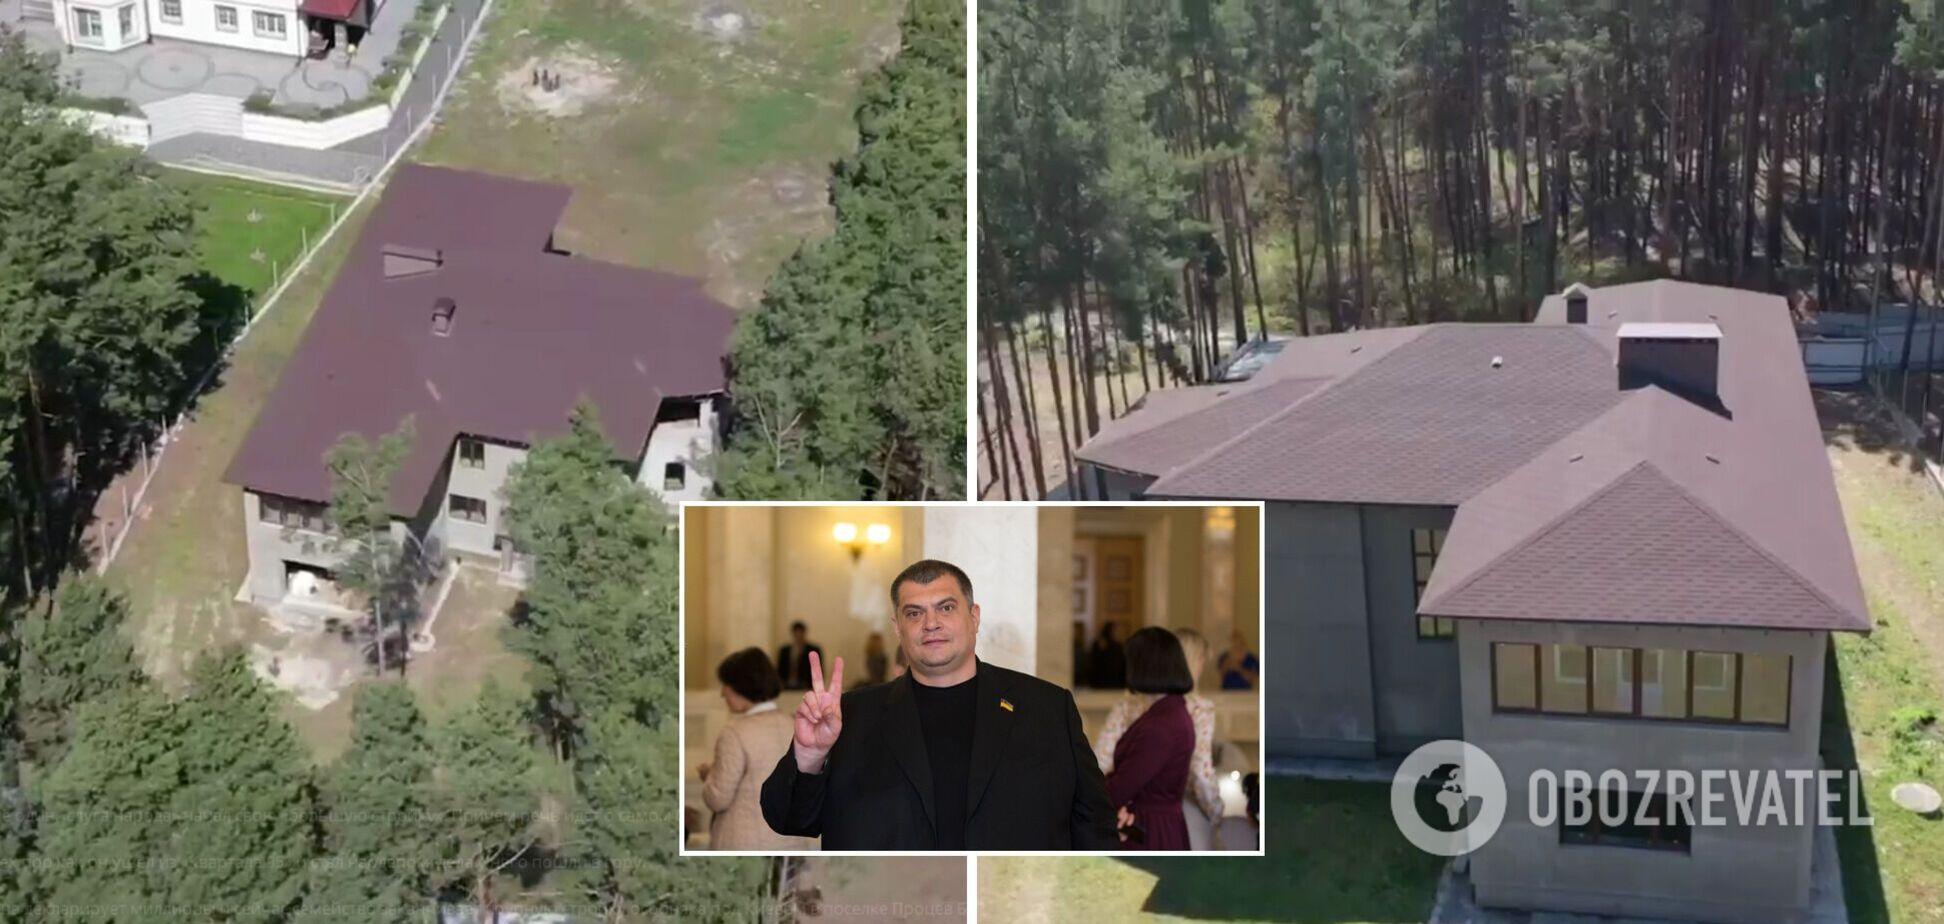 'Слуга' Корявченков начал строительство коттеджа за несколько сотен тысяч долларов. Фото и видео